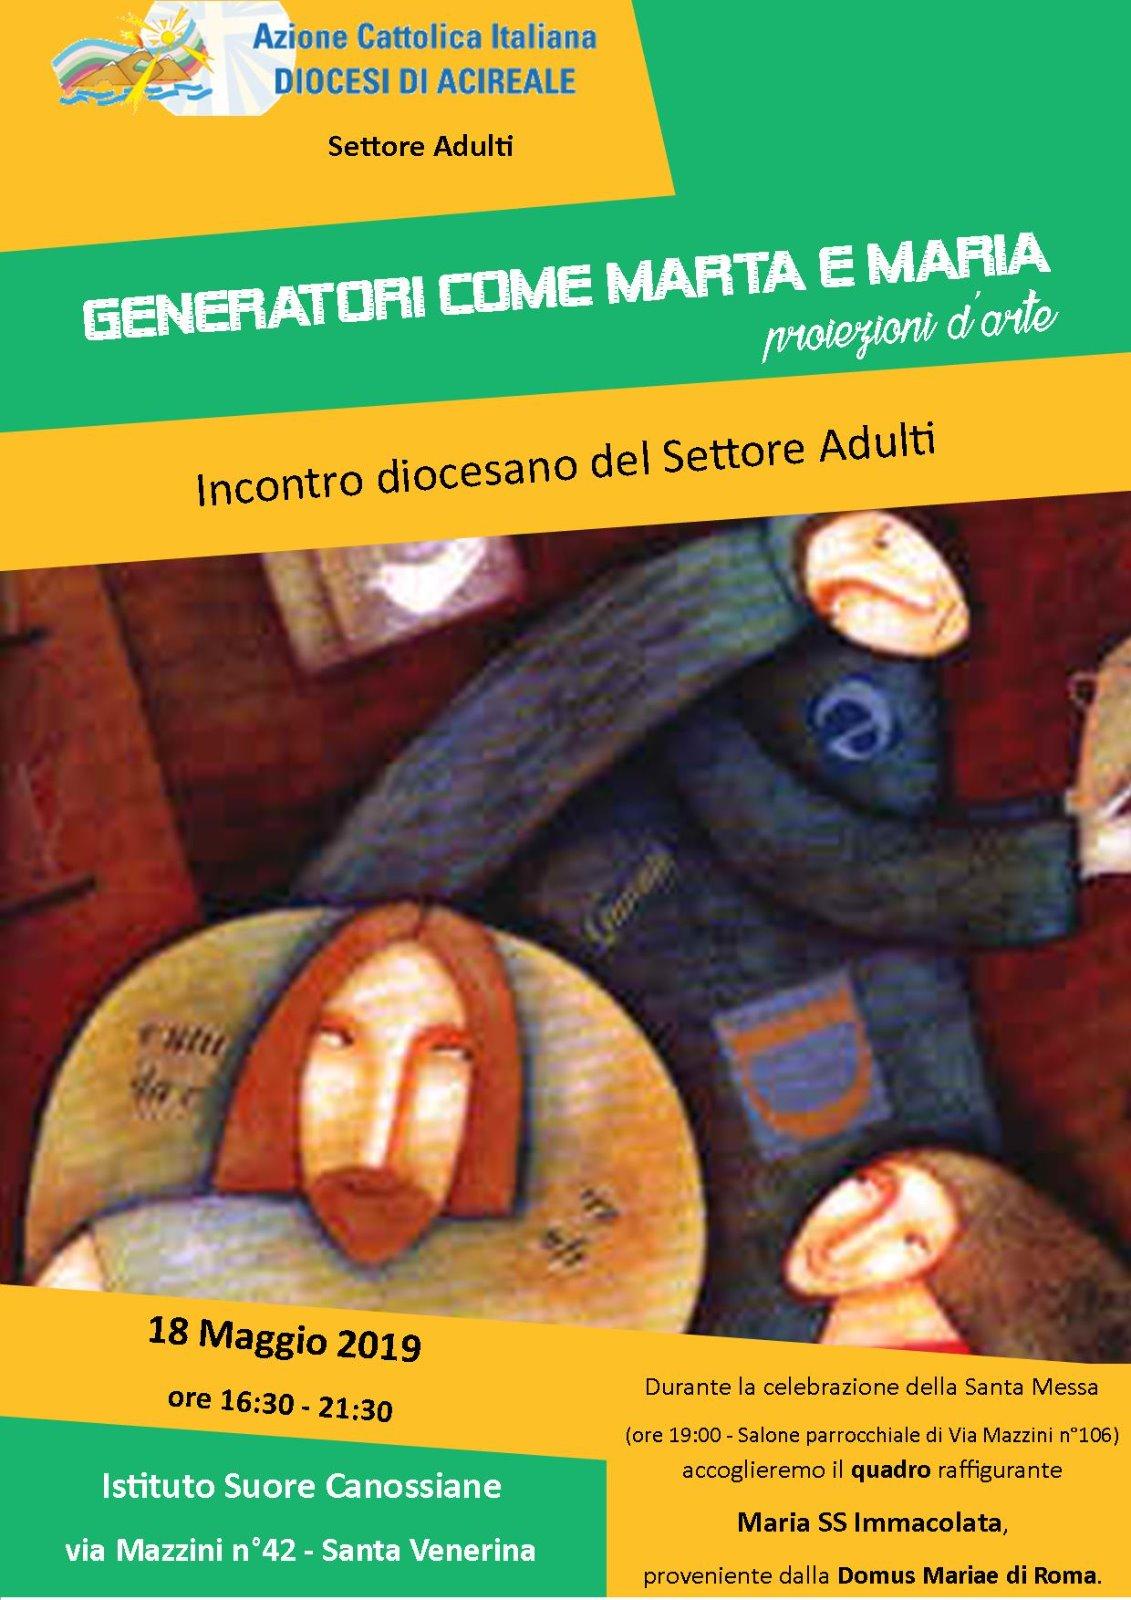 Incontro diocesano del settore Adulti